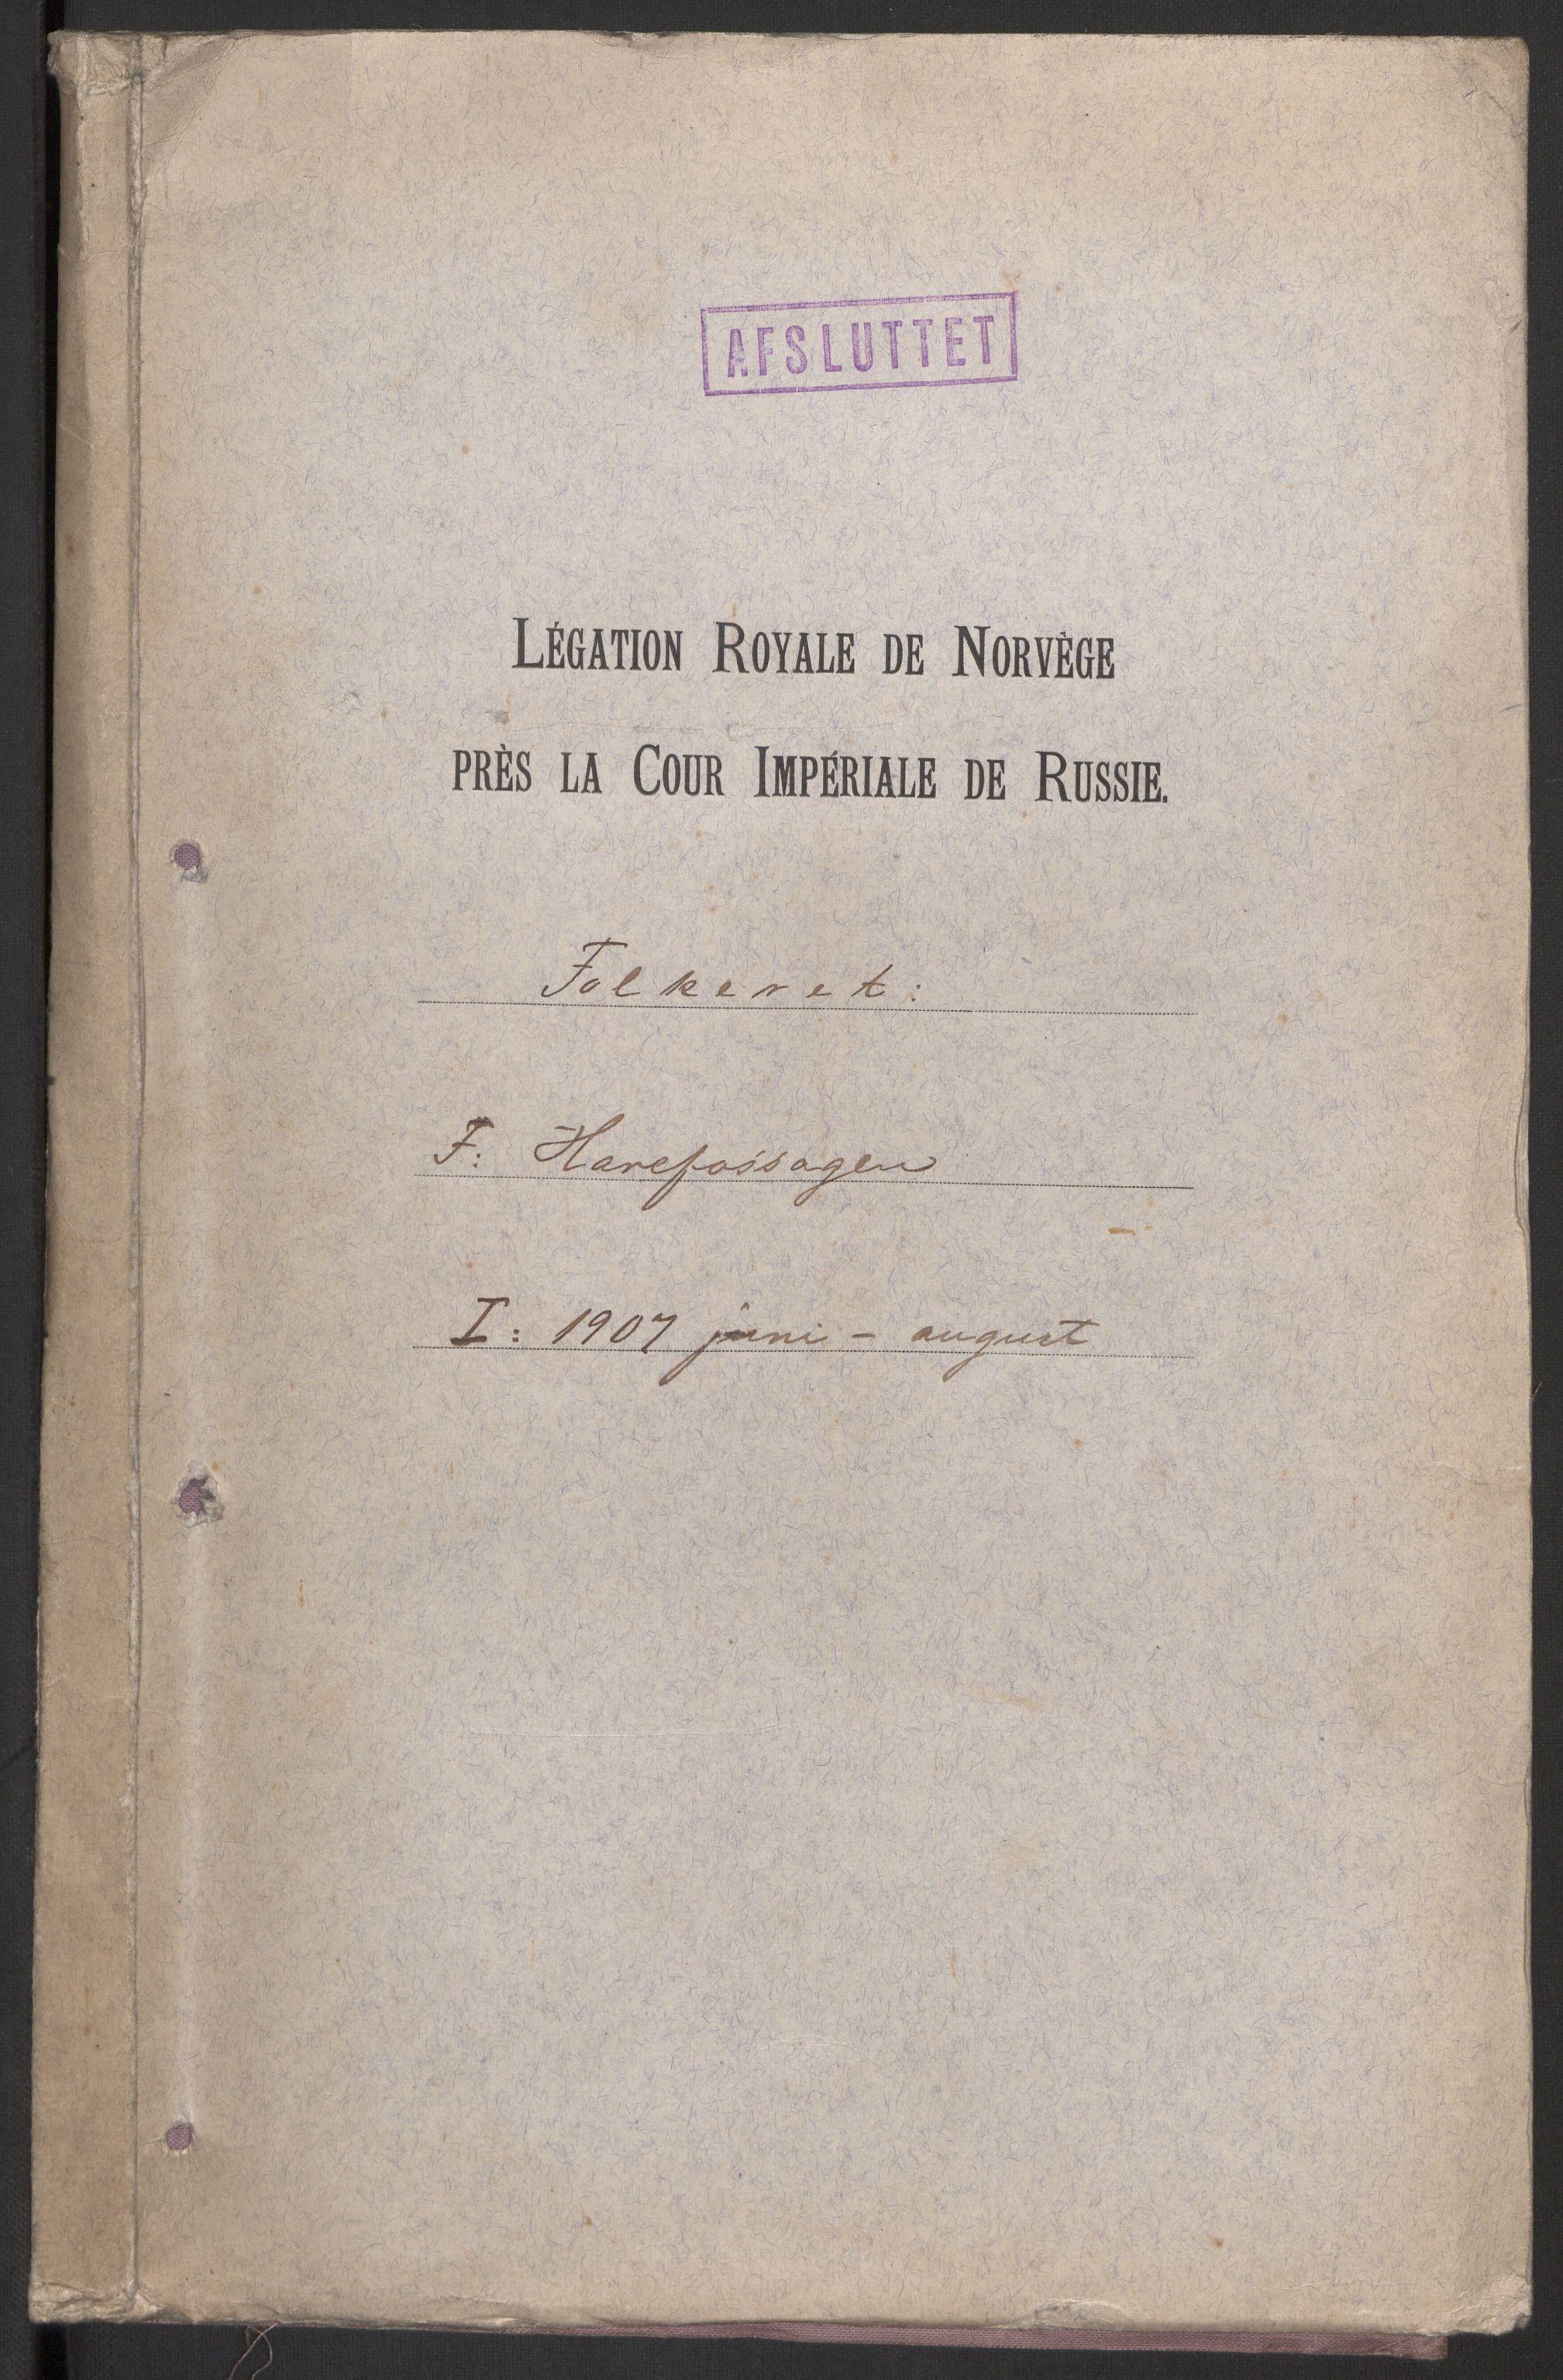 RA, Utenriksstasjonene, Legasjonen i St. Petersburg, Russland, D/Da/L0013: --, 1907-1918, p. 1